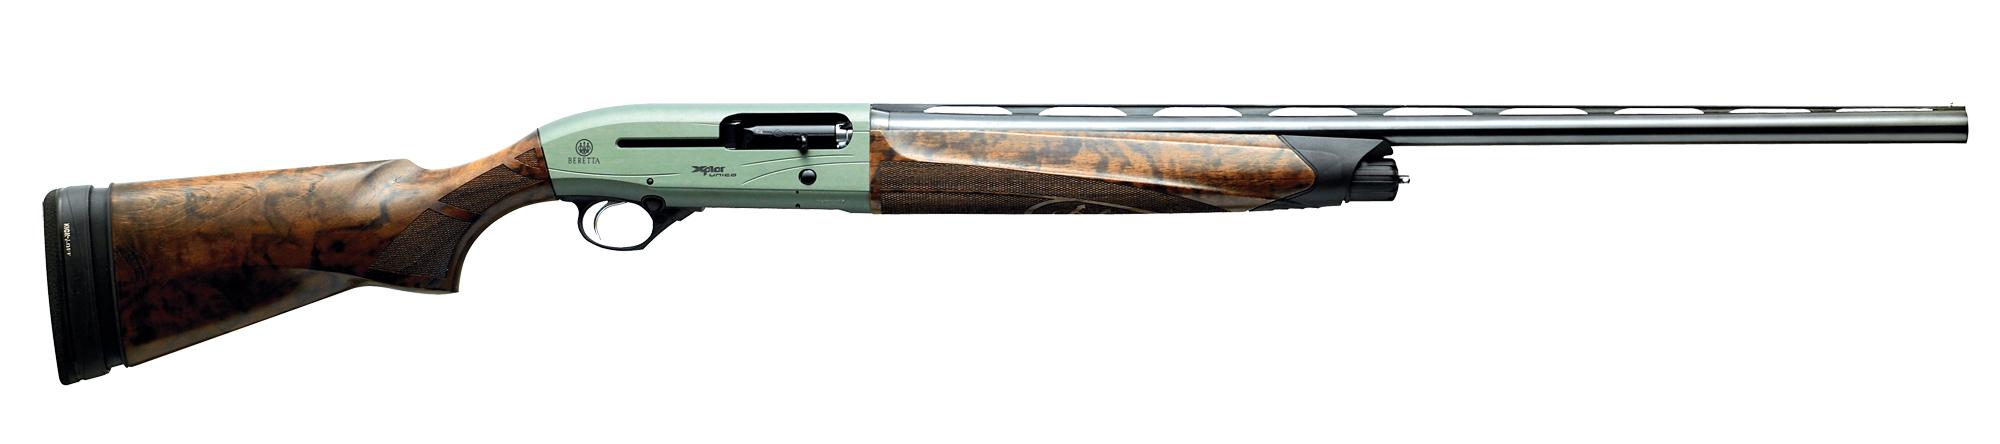 Beretta A400 Xplor Unico Hagelgevär